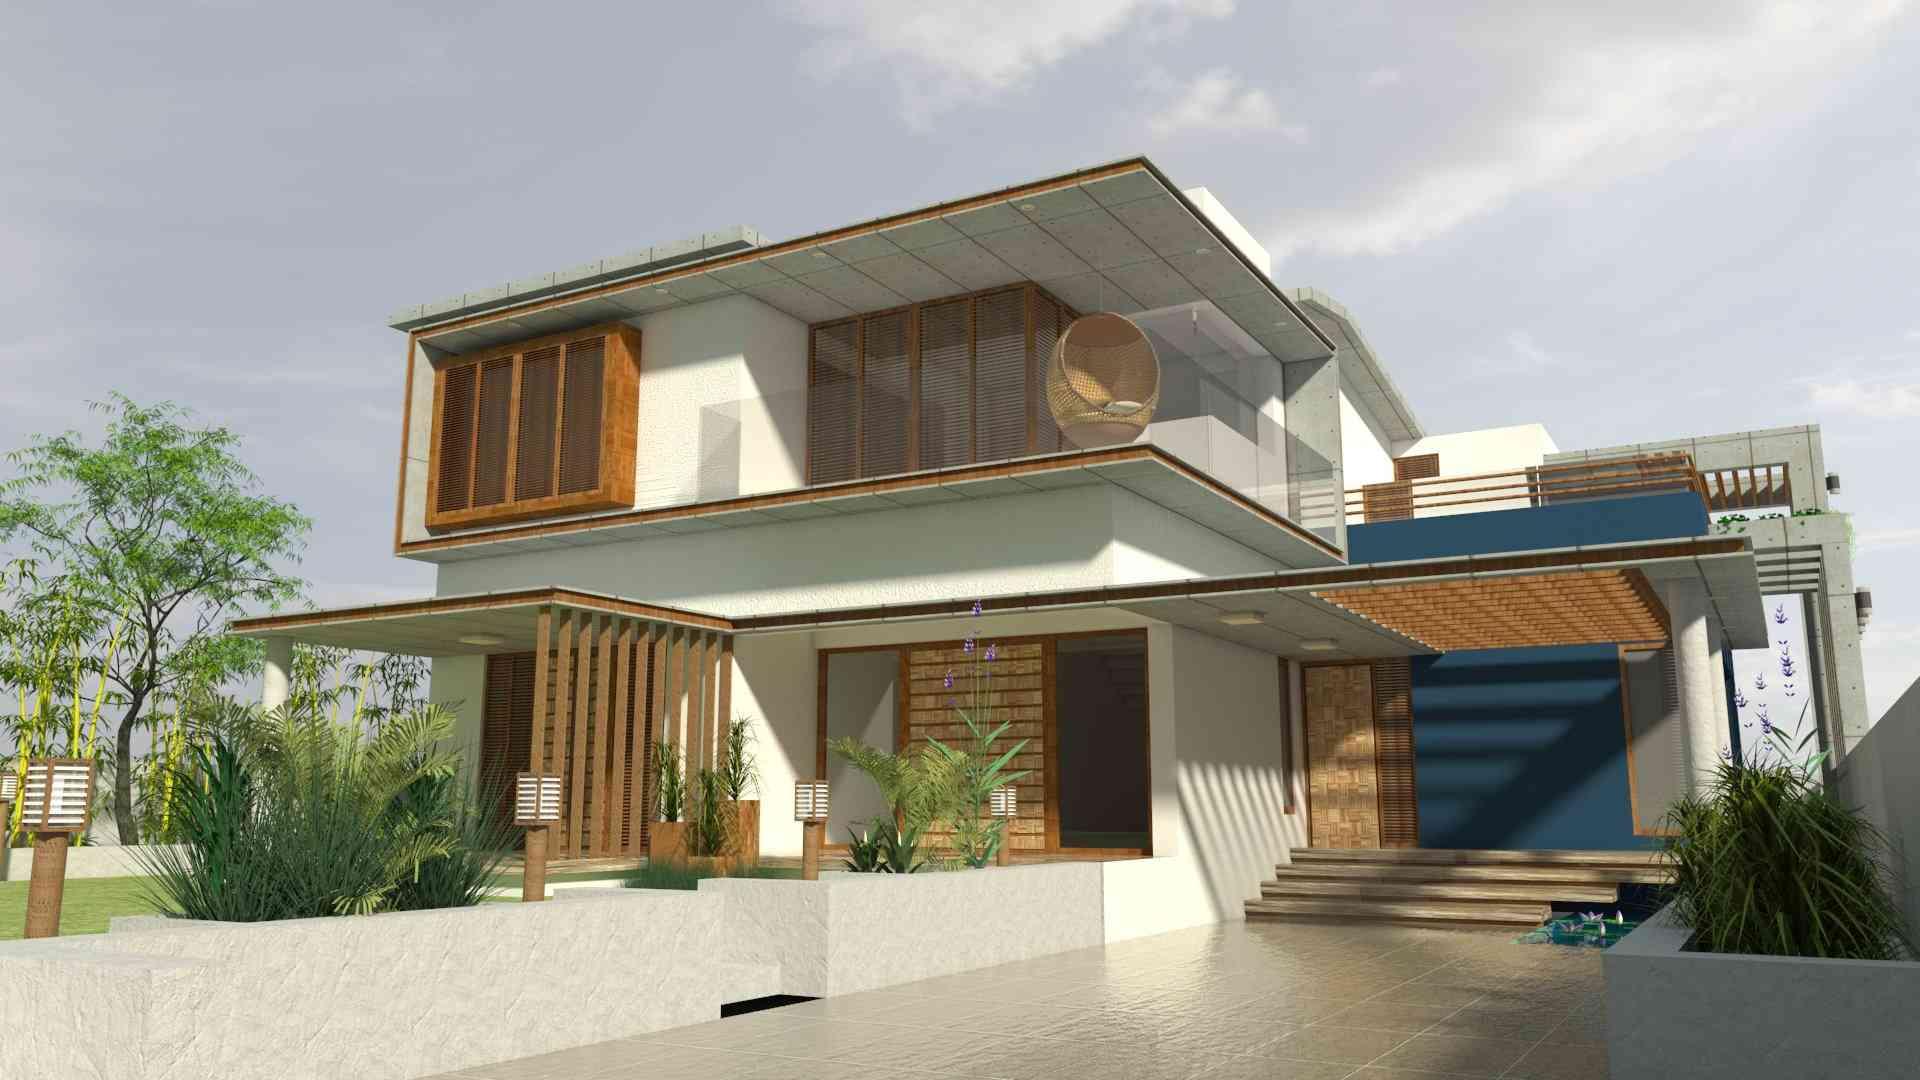 Home exterior designs india home exterior design ideas images for Indian home design photos exterior